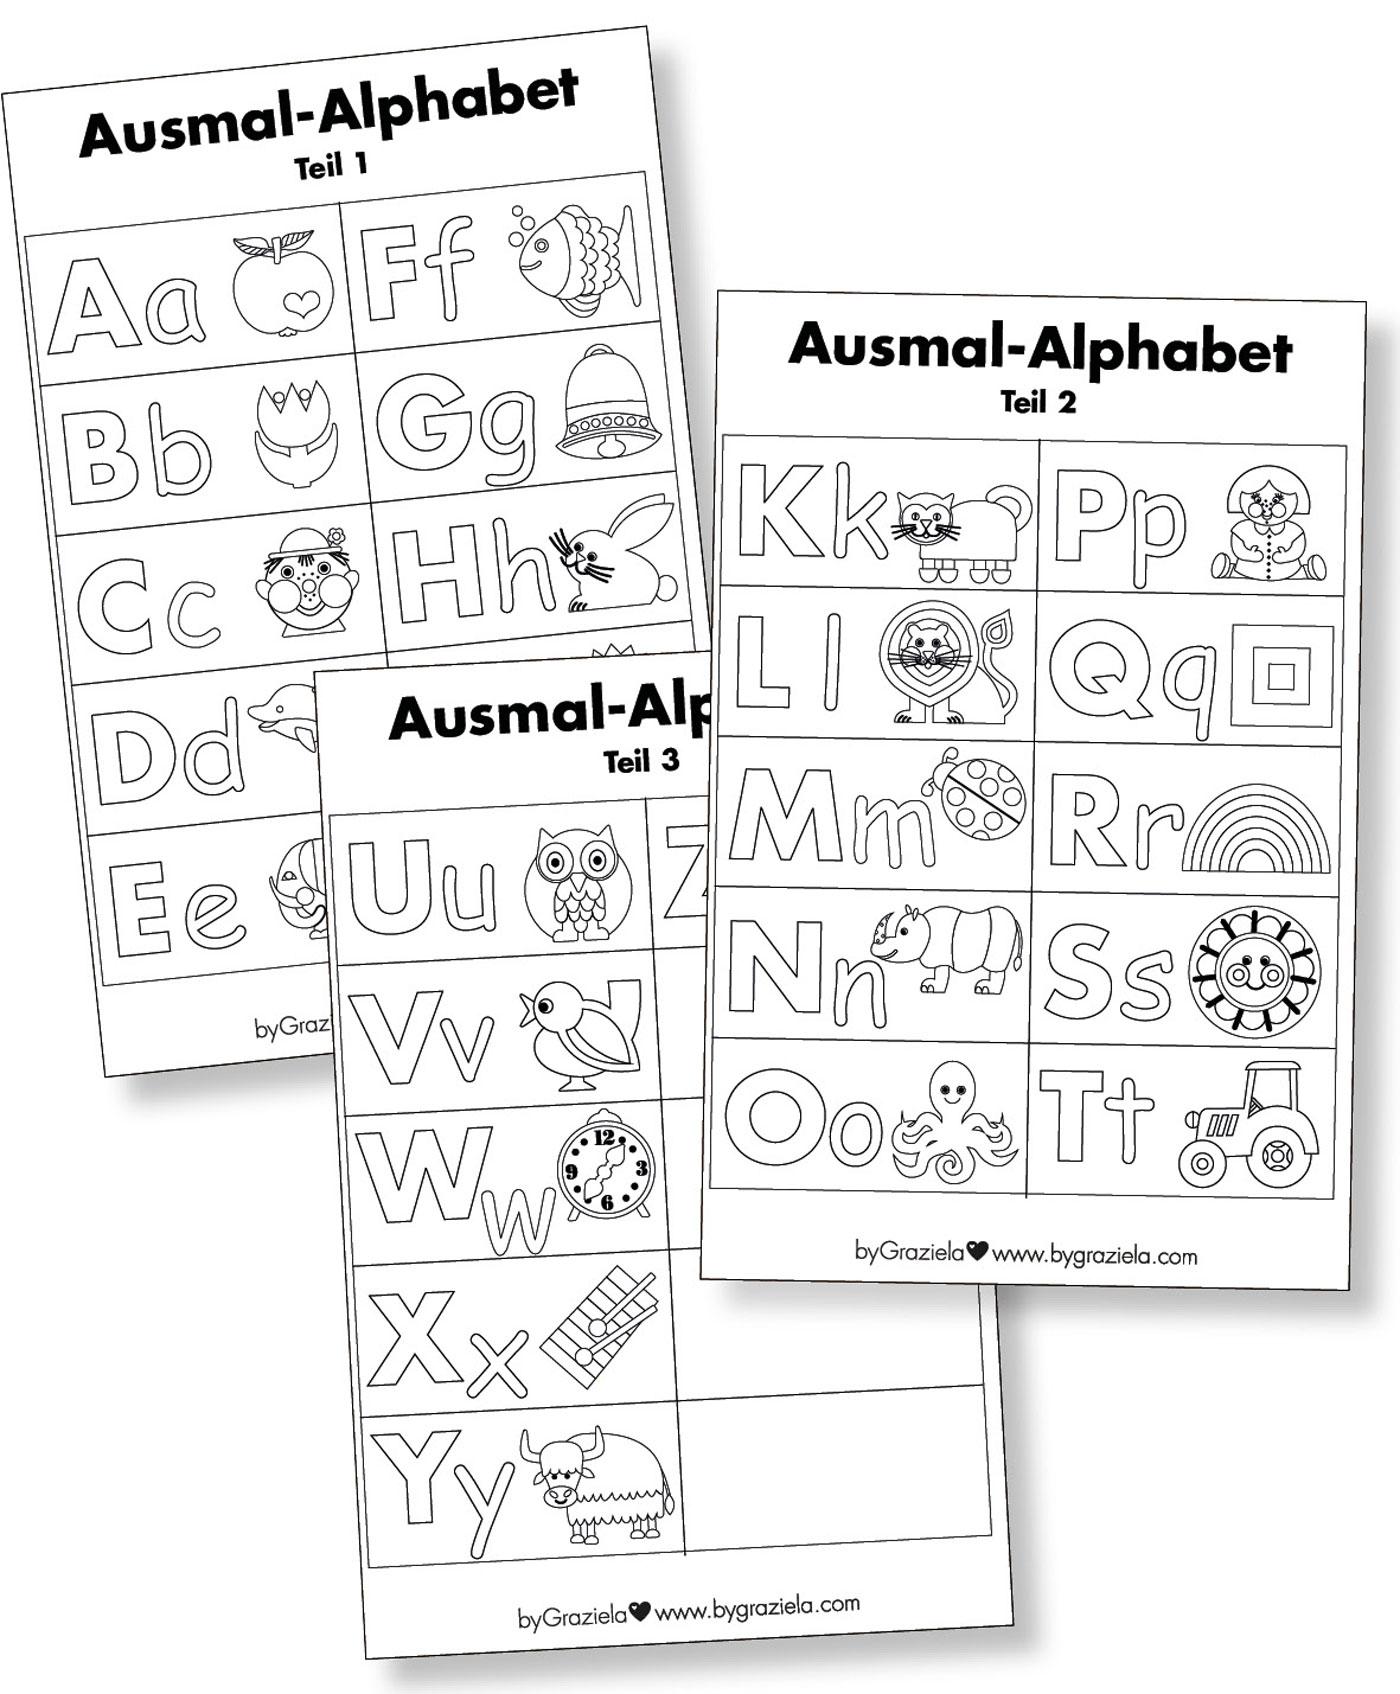 Ausmal-vorlage-alphabet-kinder